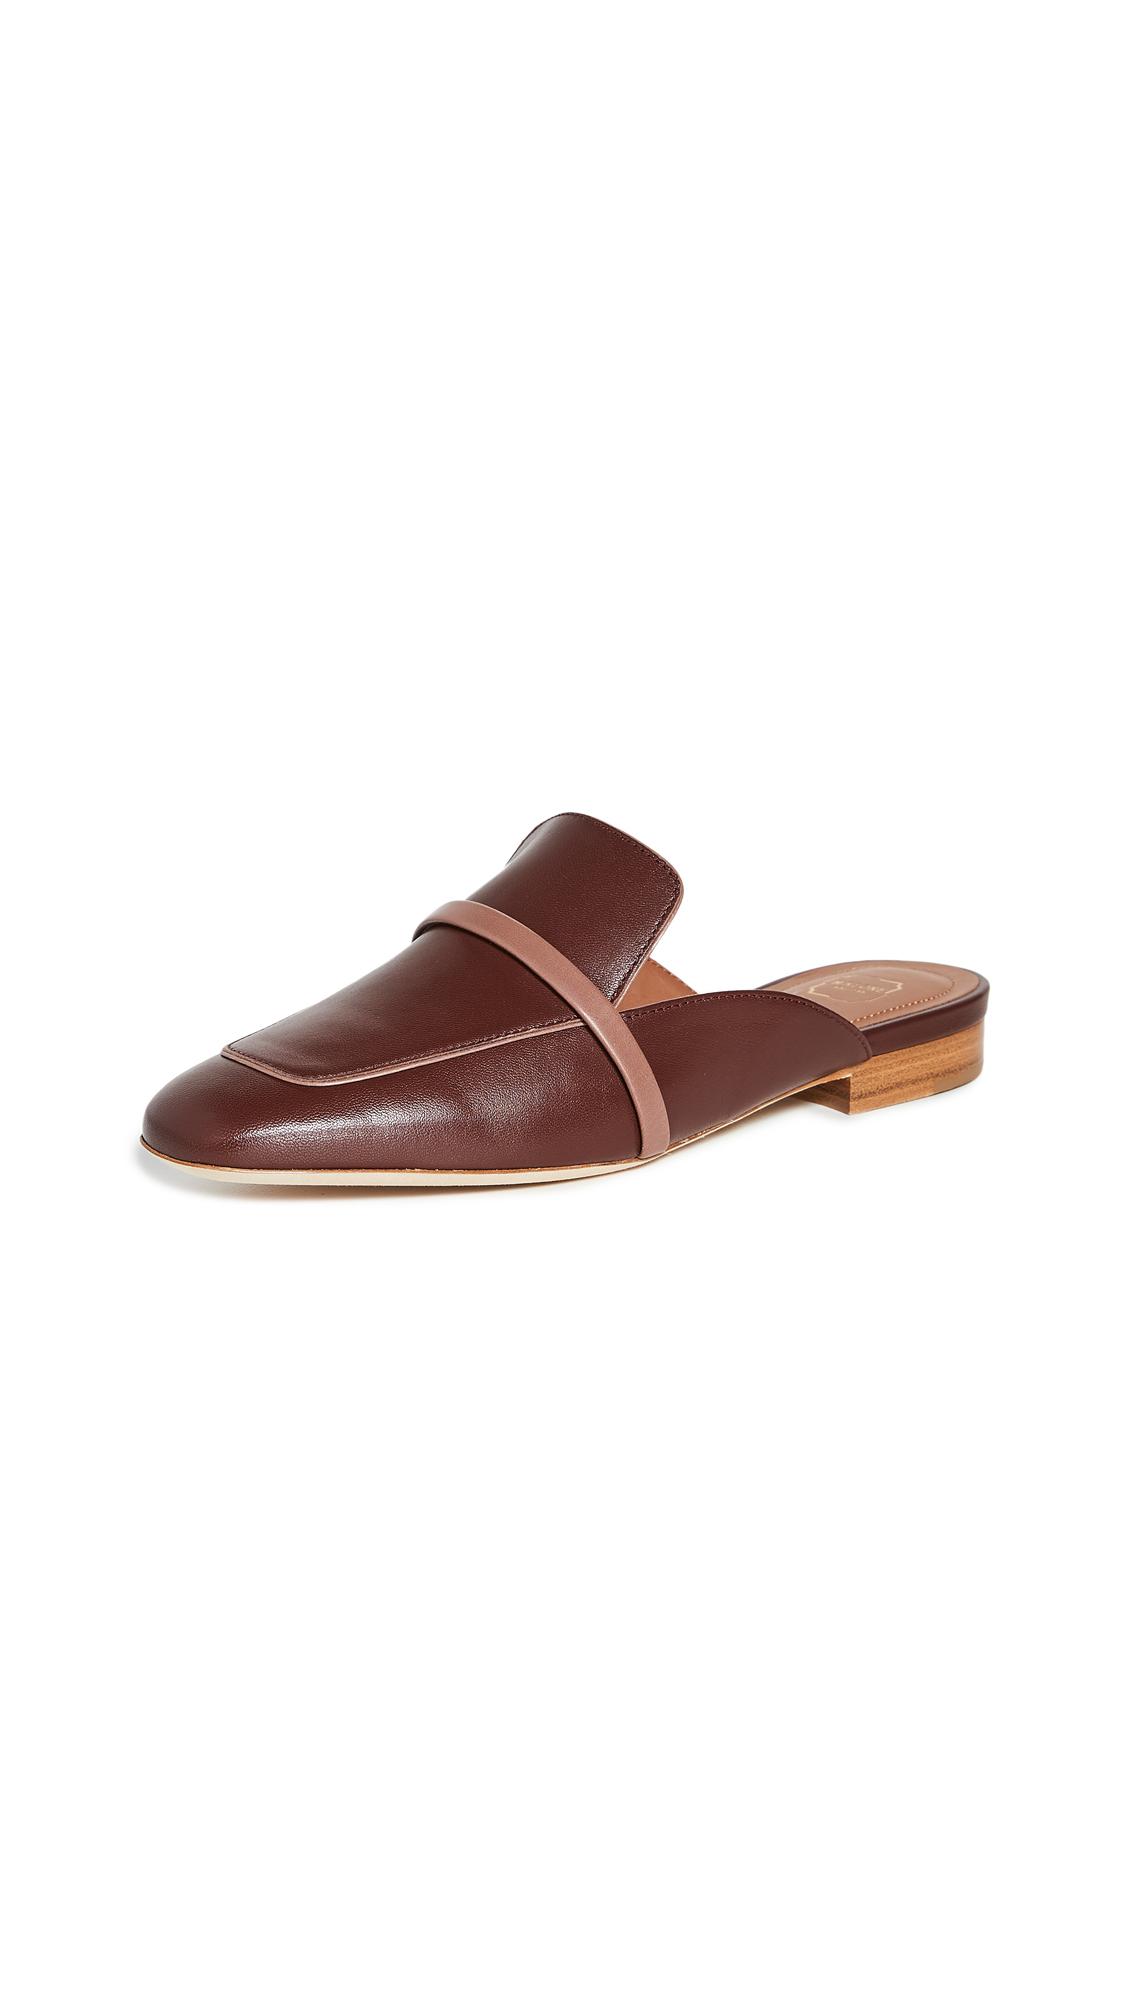 Buy Malone Souliers Jada Flat Mules online, shop Malone Souliers